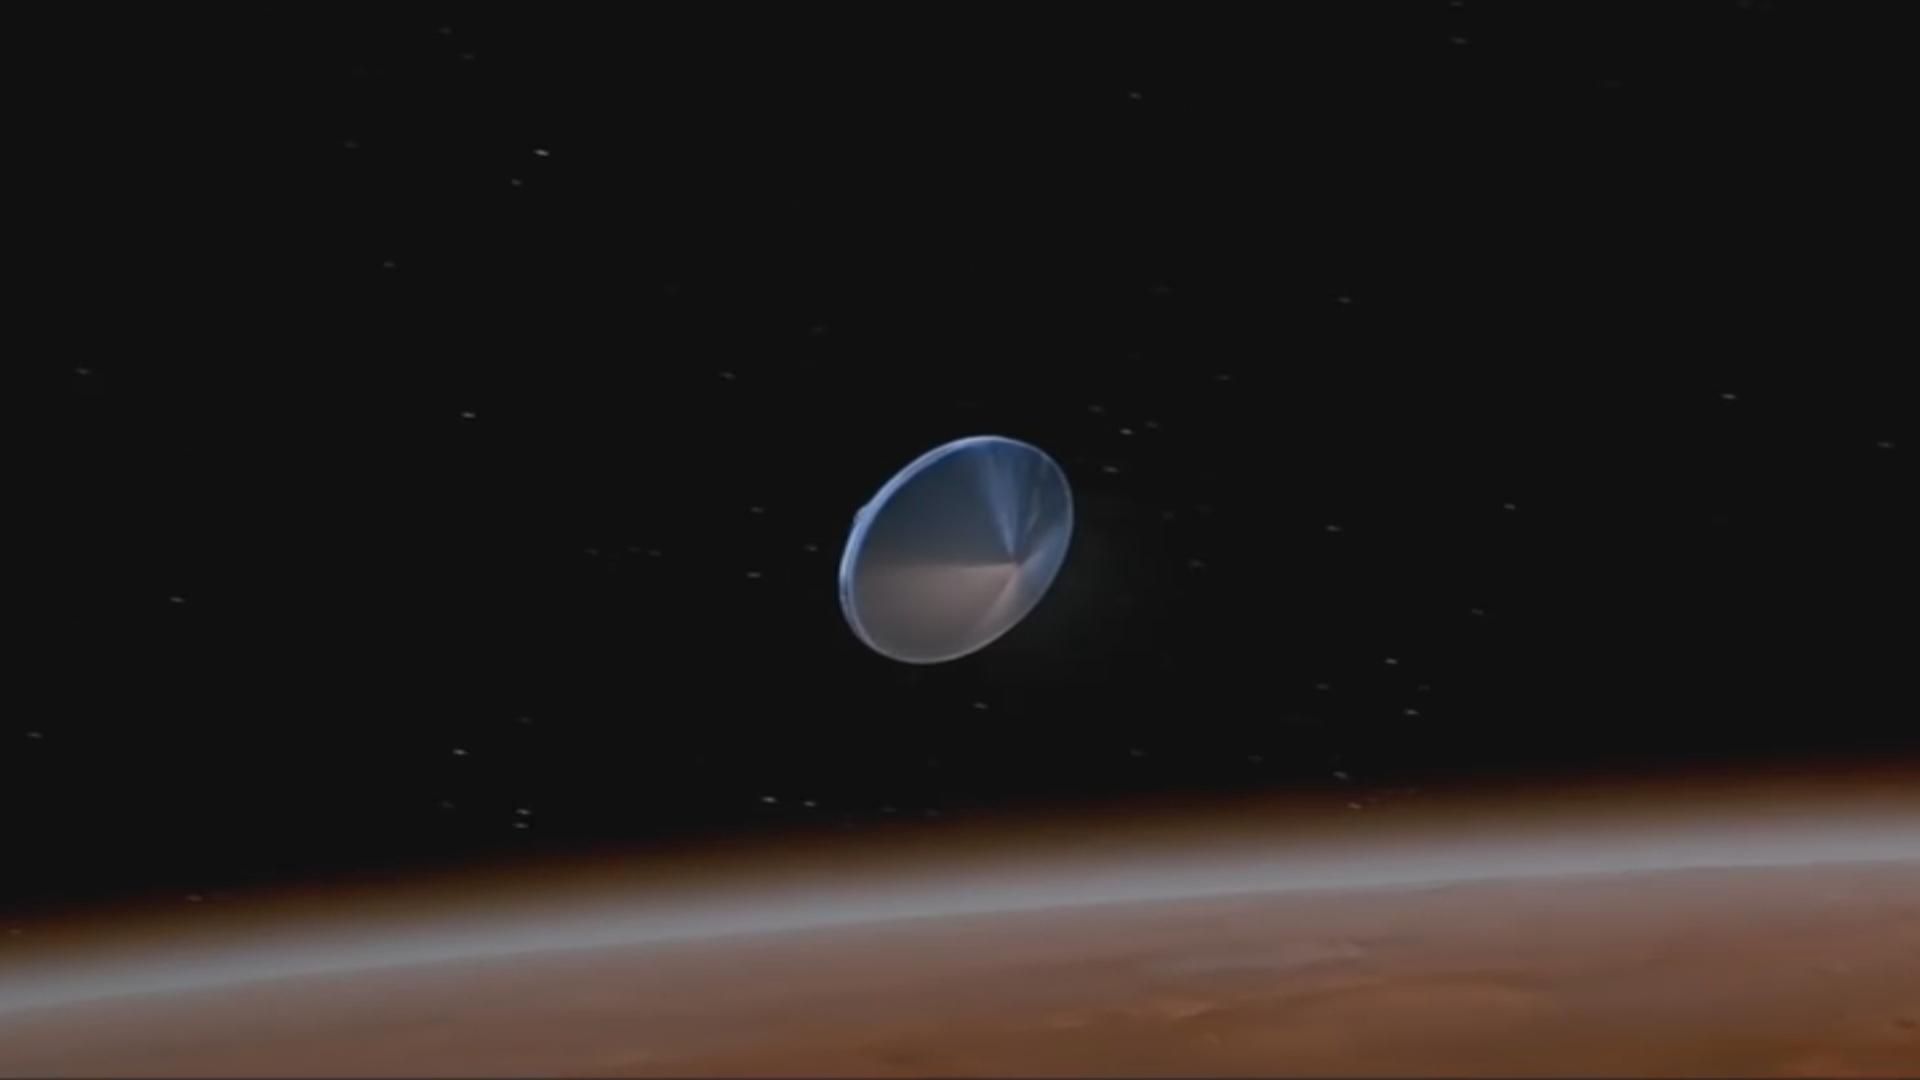 Marsda ilk dəfə olaraq robot geoloq araşdırma aparacaq